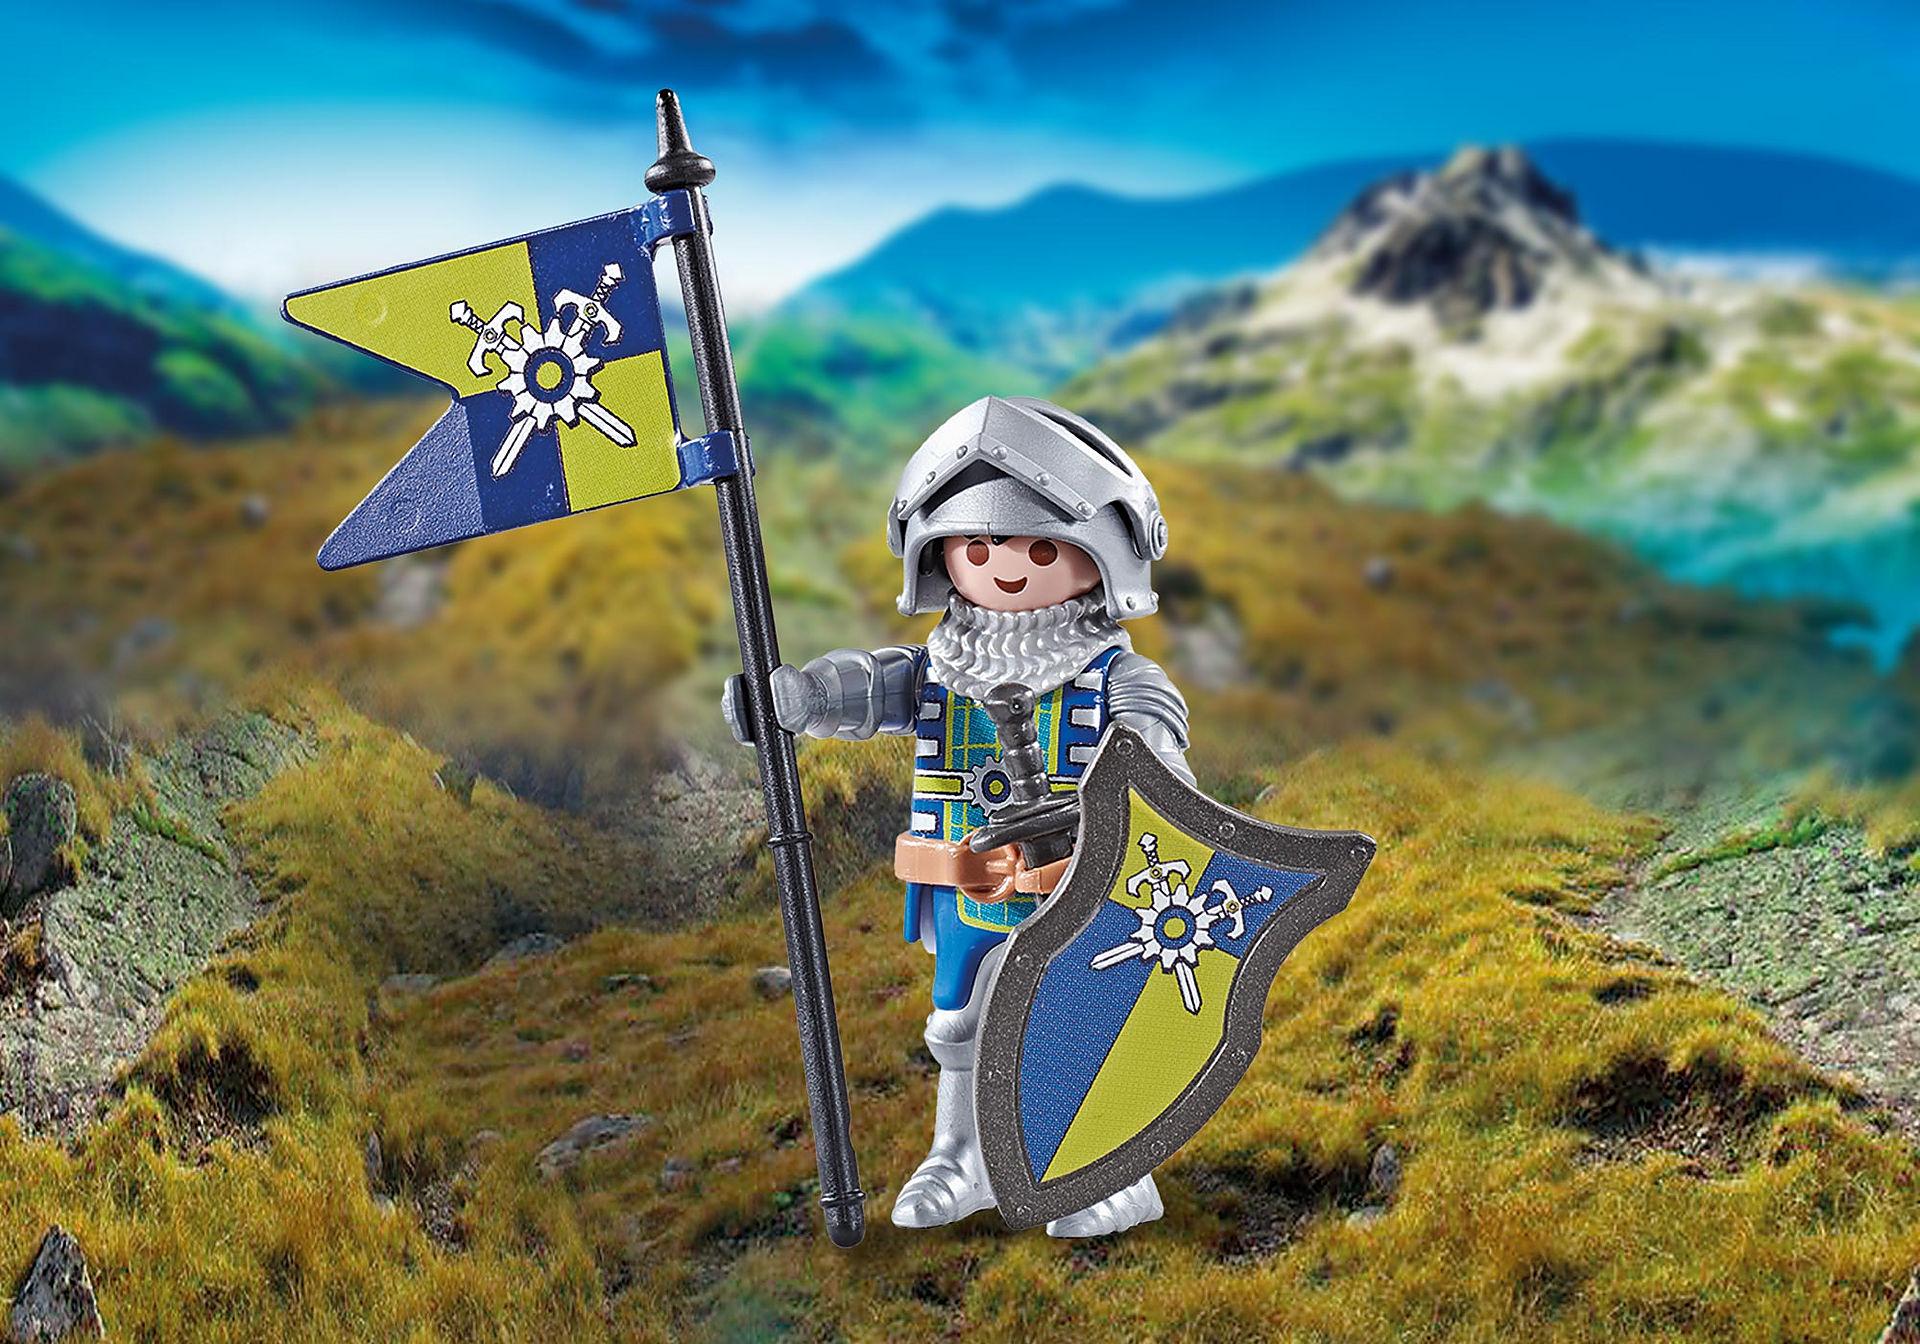 9835 Chefe dos Cavaleiros de Novelmore zoom image1